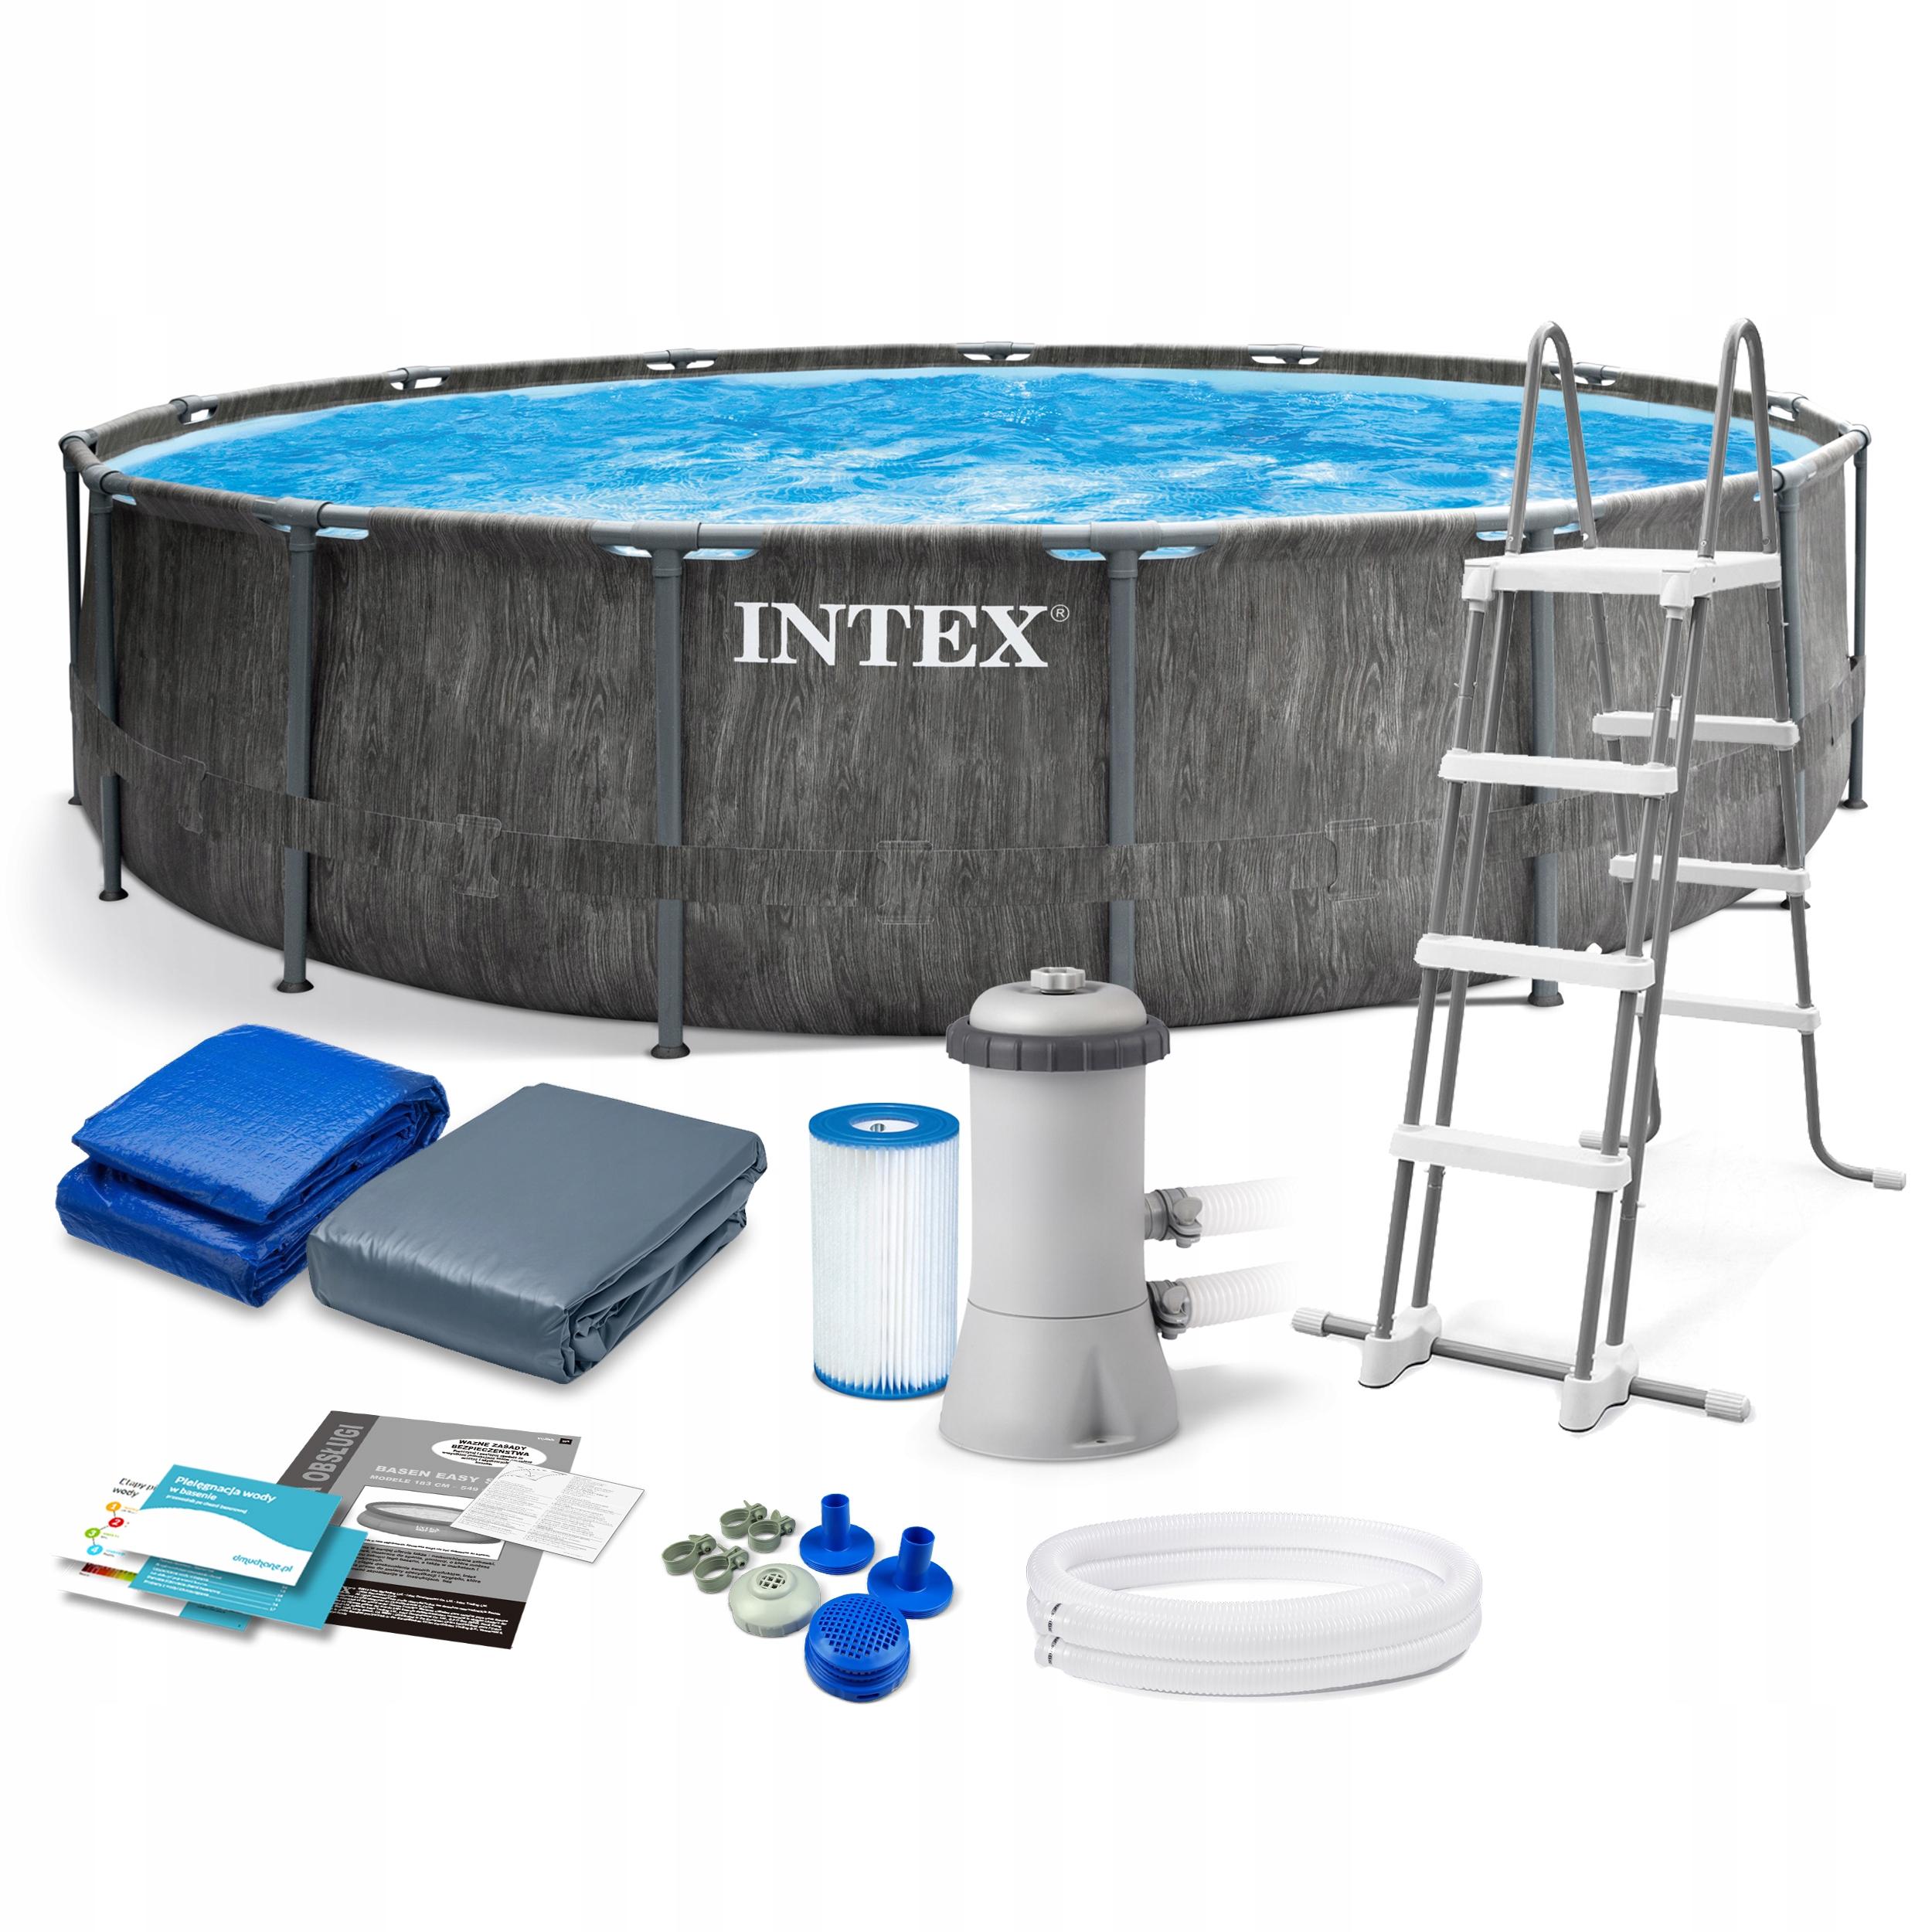 Basen Ogrodowy Stelazowy Intex 457x122 Zestaw 12w1 8862990979 Allegro Pl